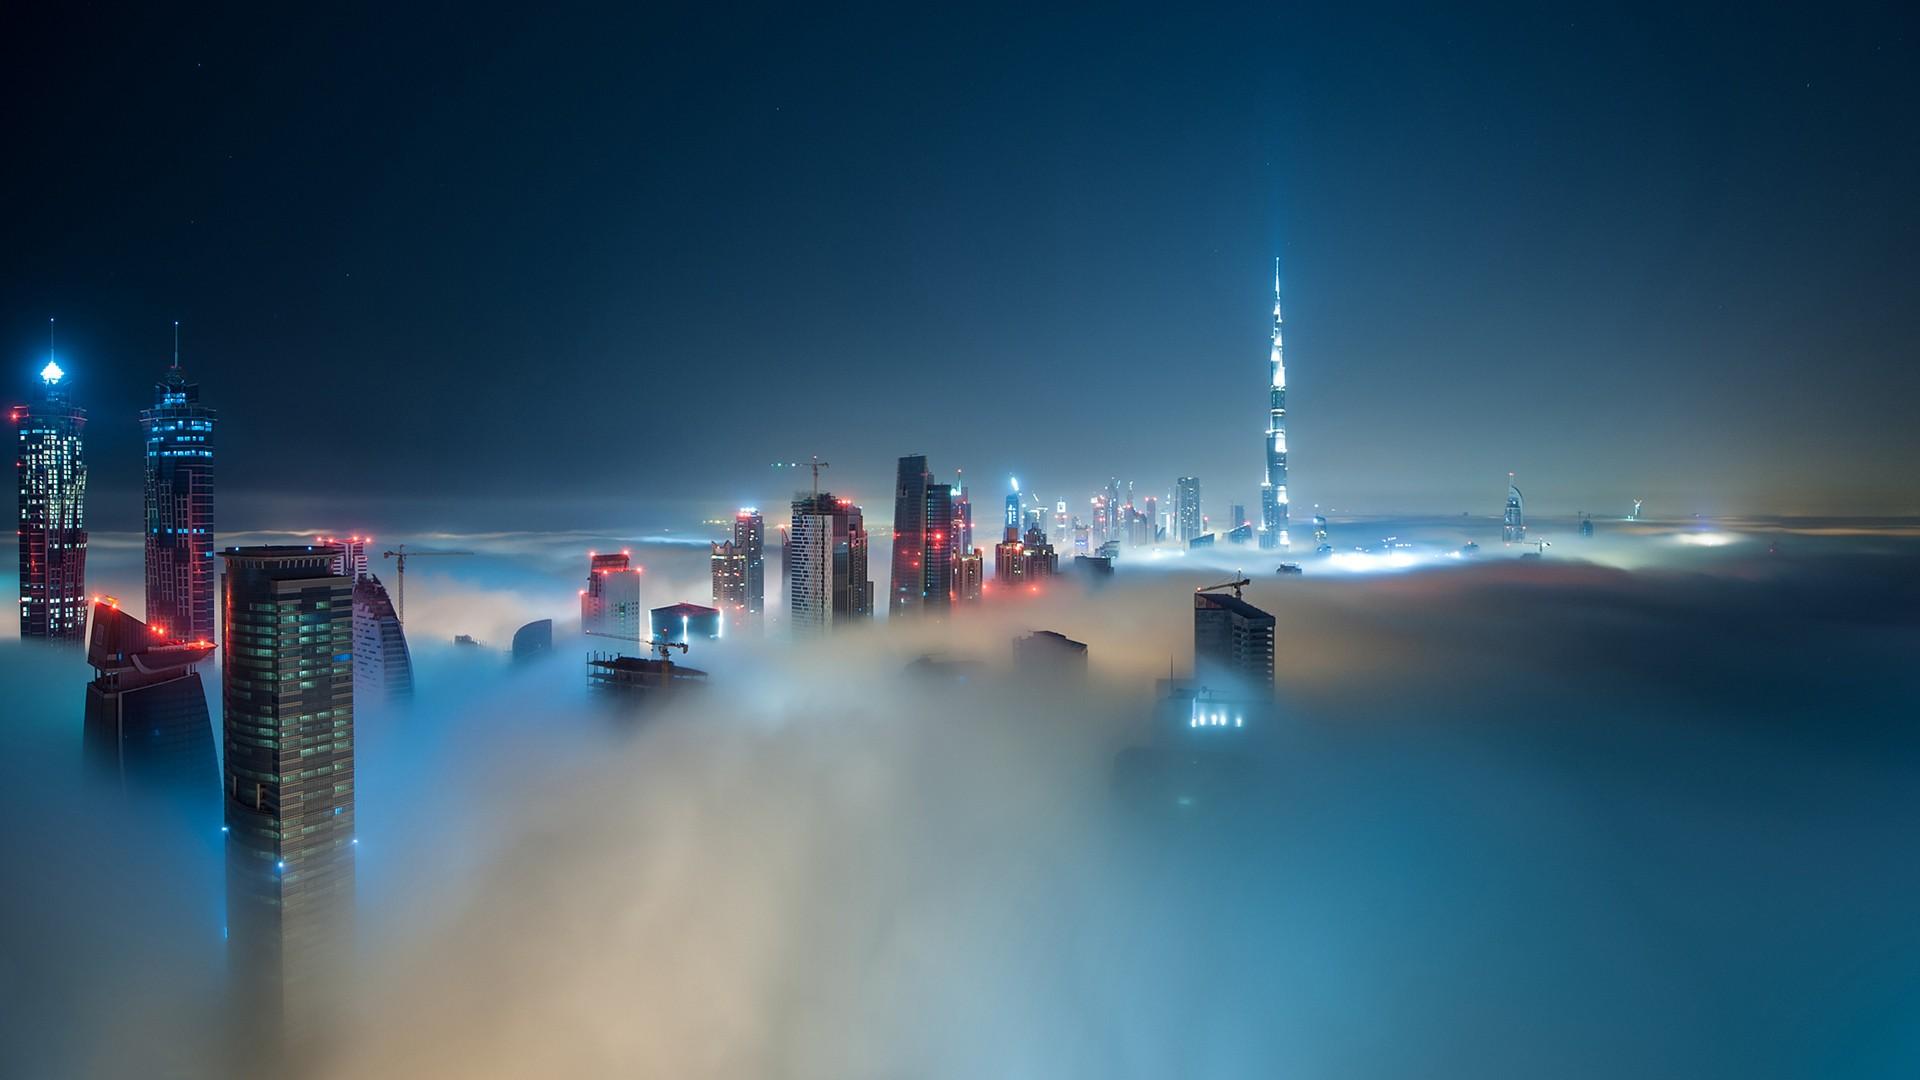 hong-kong-view-desktop-wallpaper_020440723_161